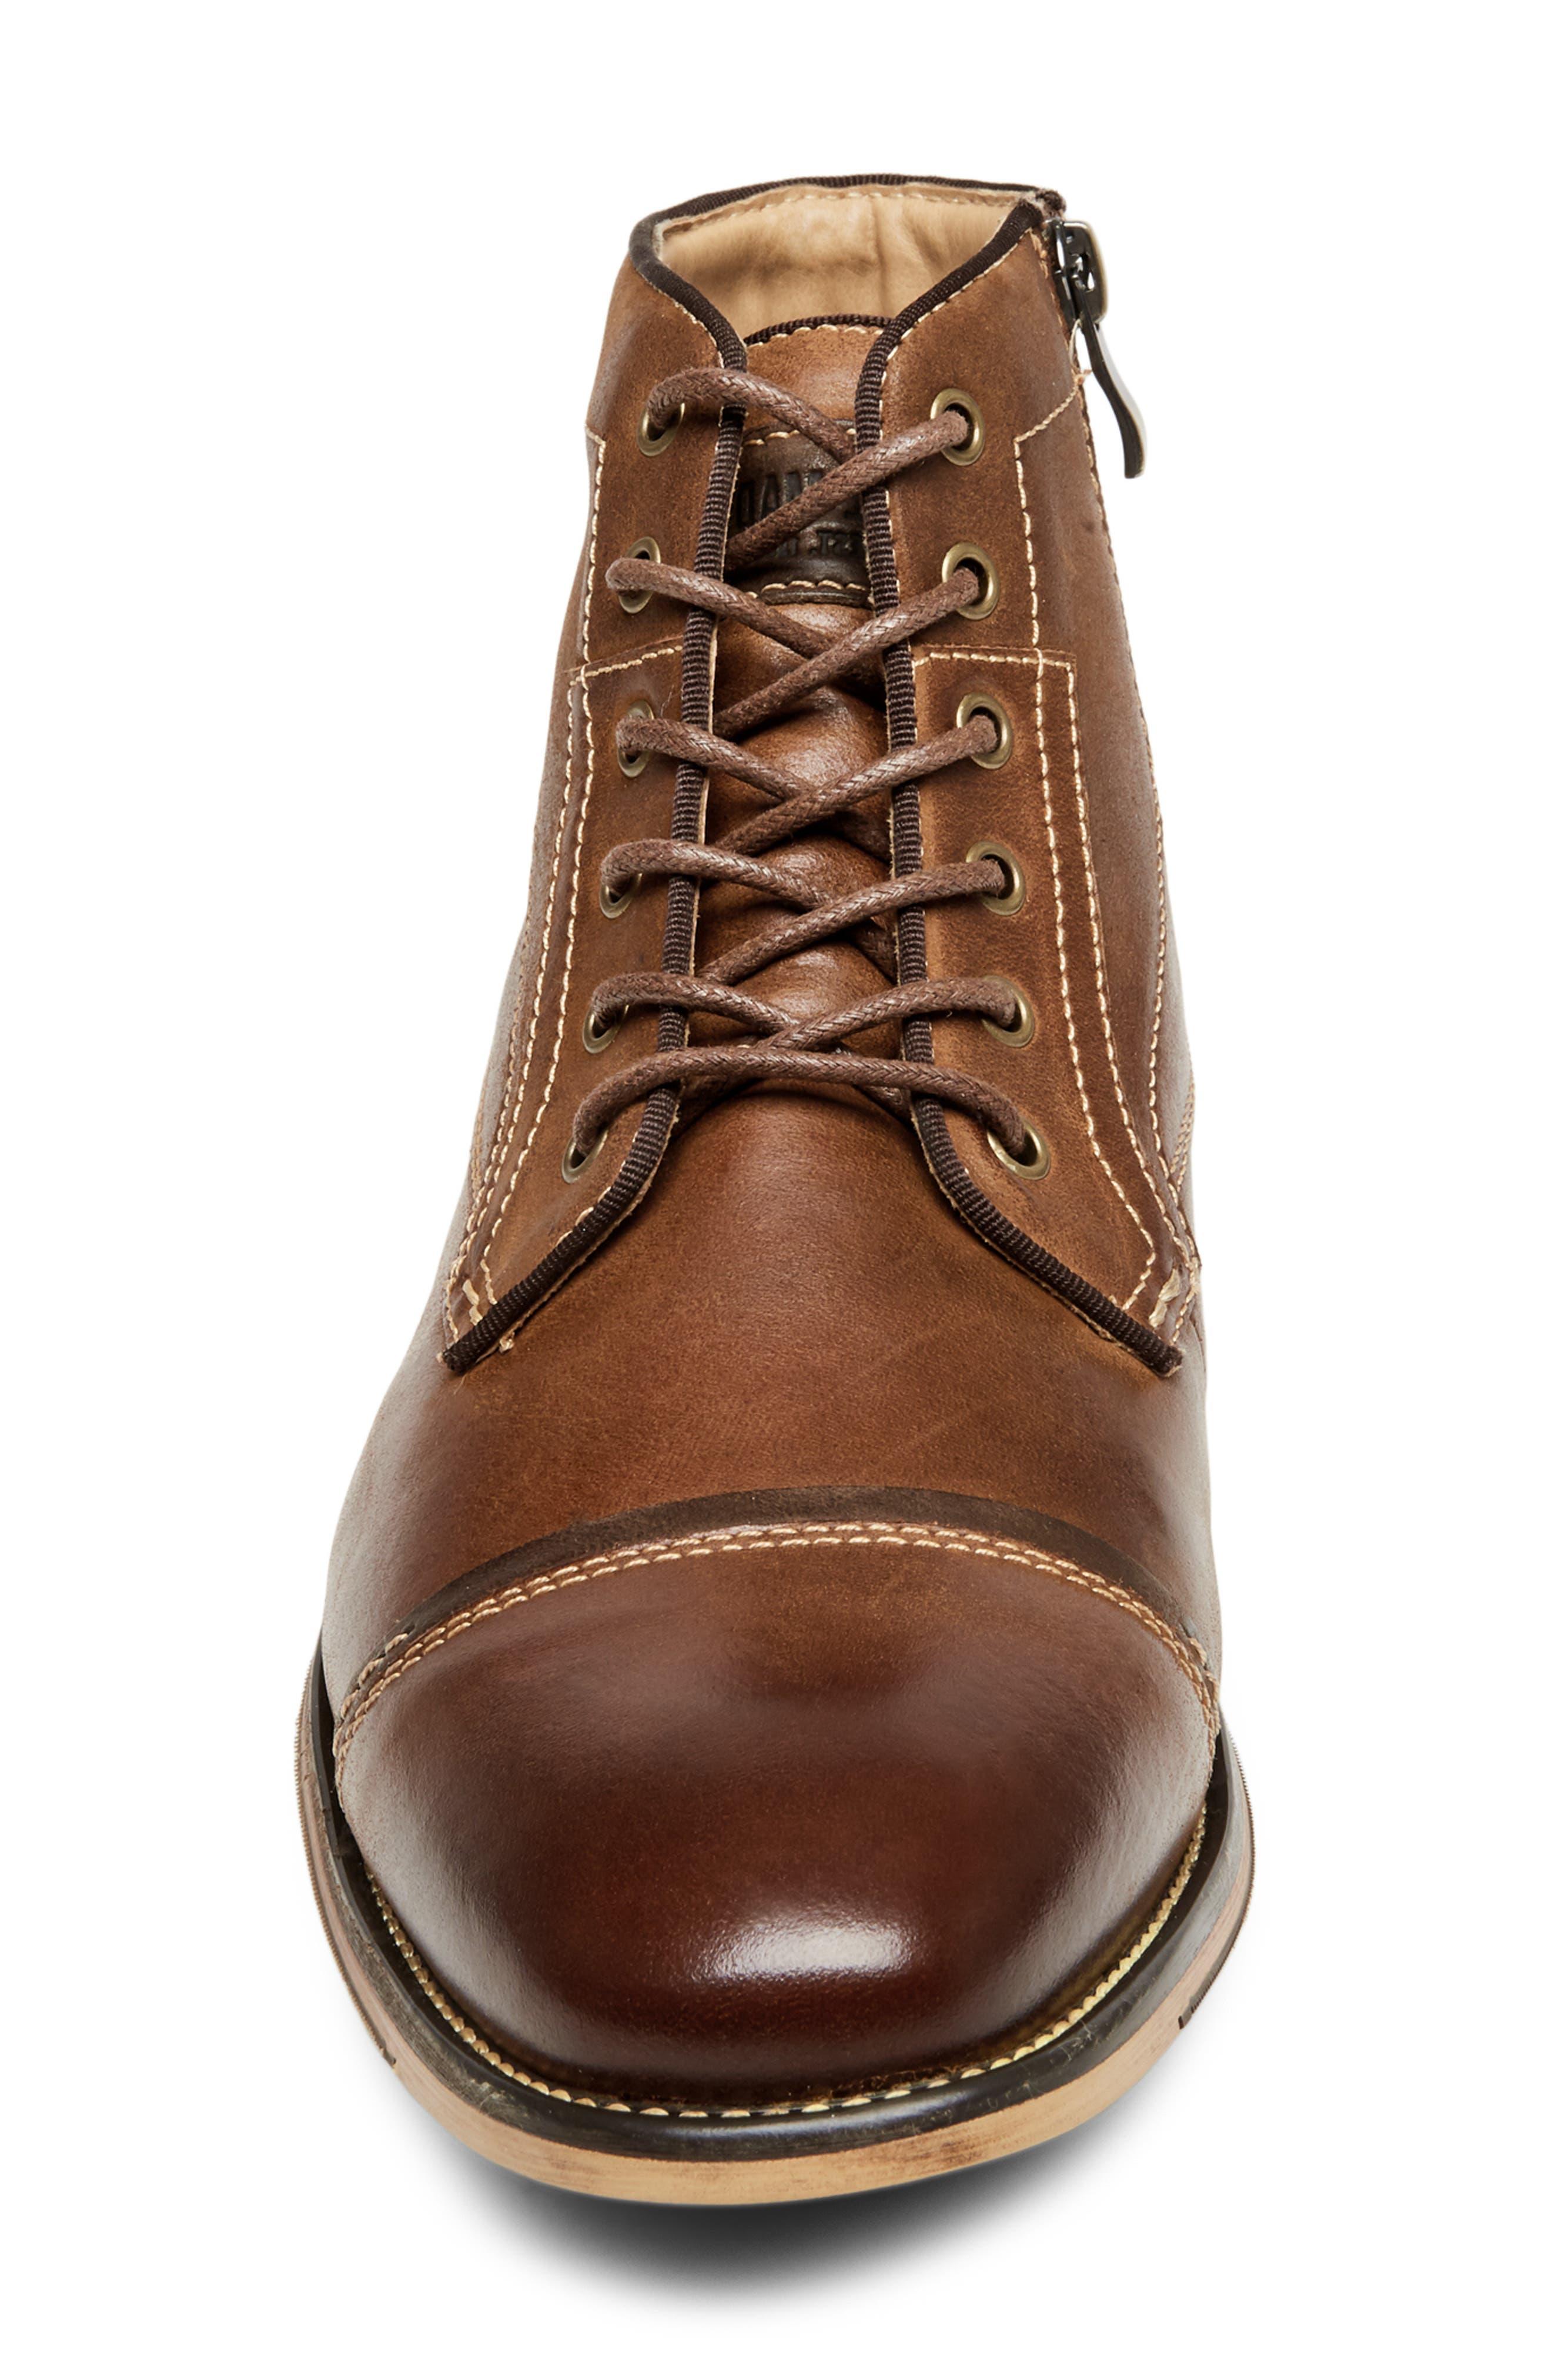 Jeffries Cap Toe Boot,                             Alternate thumbnail 4, color,                             DARK TAN